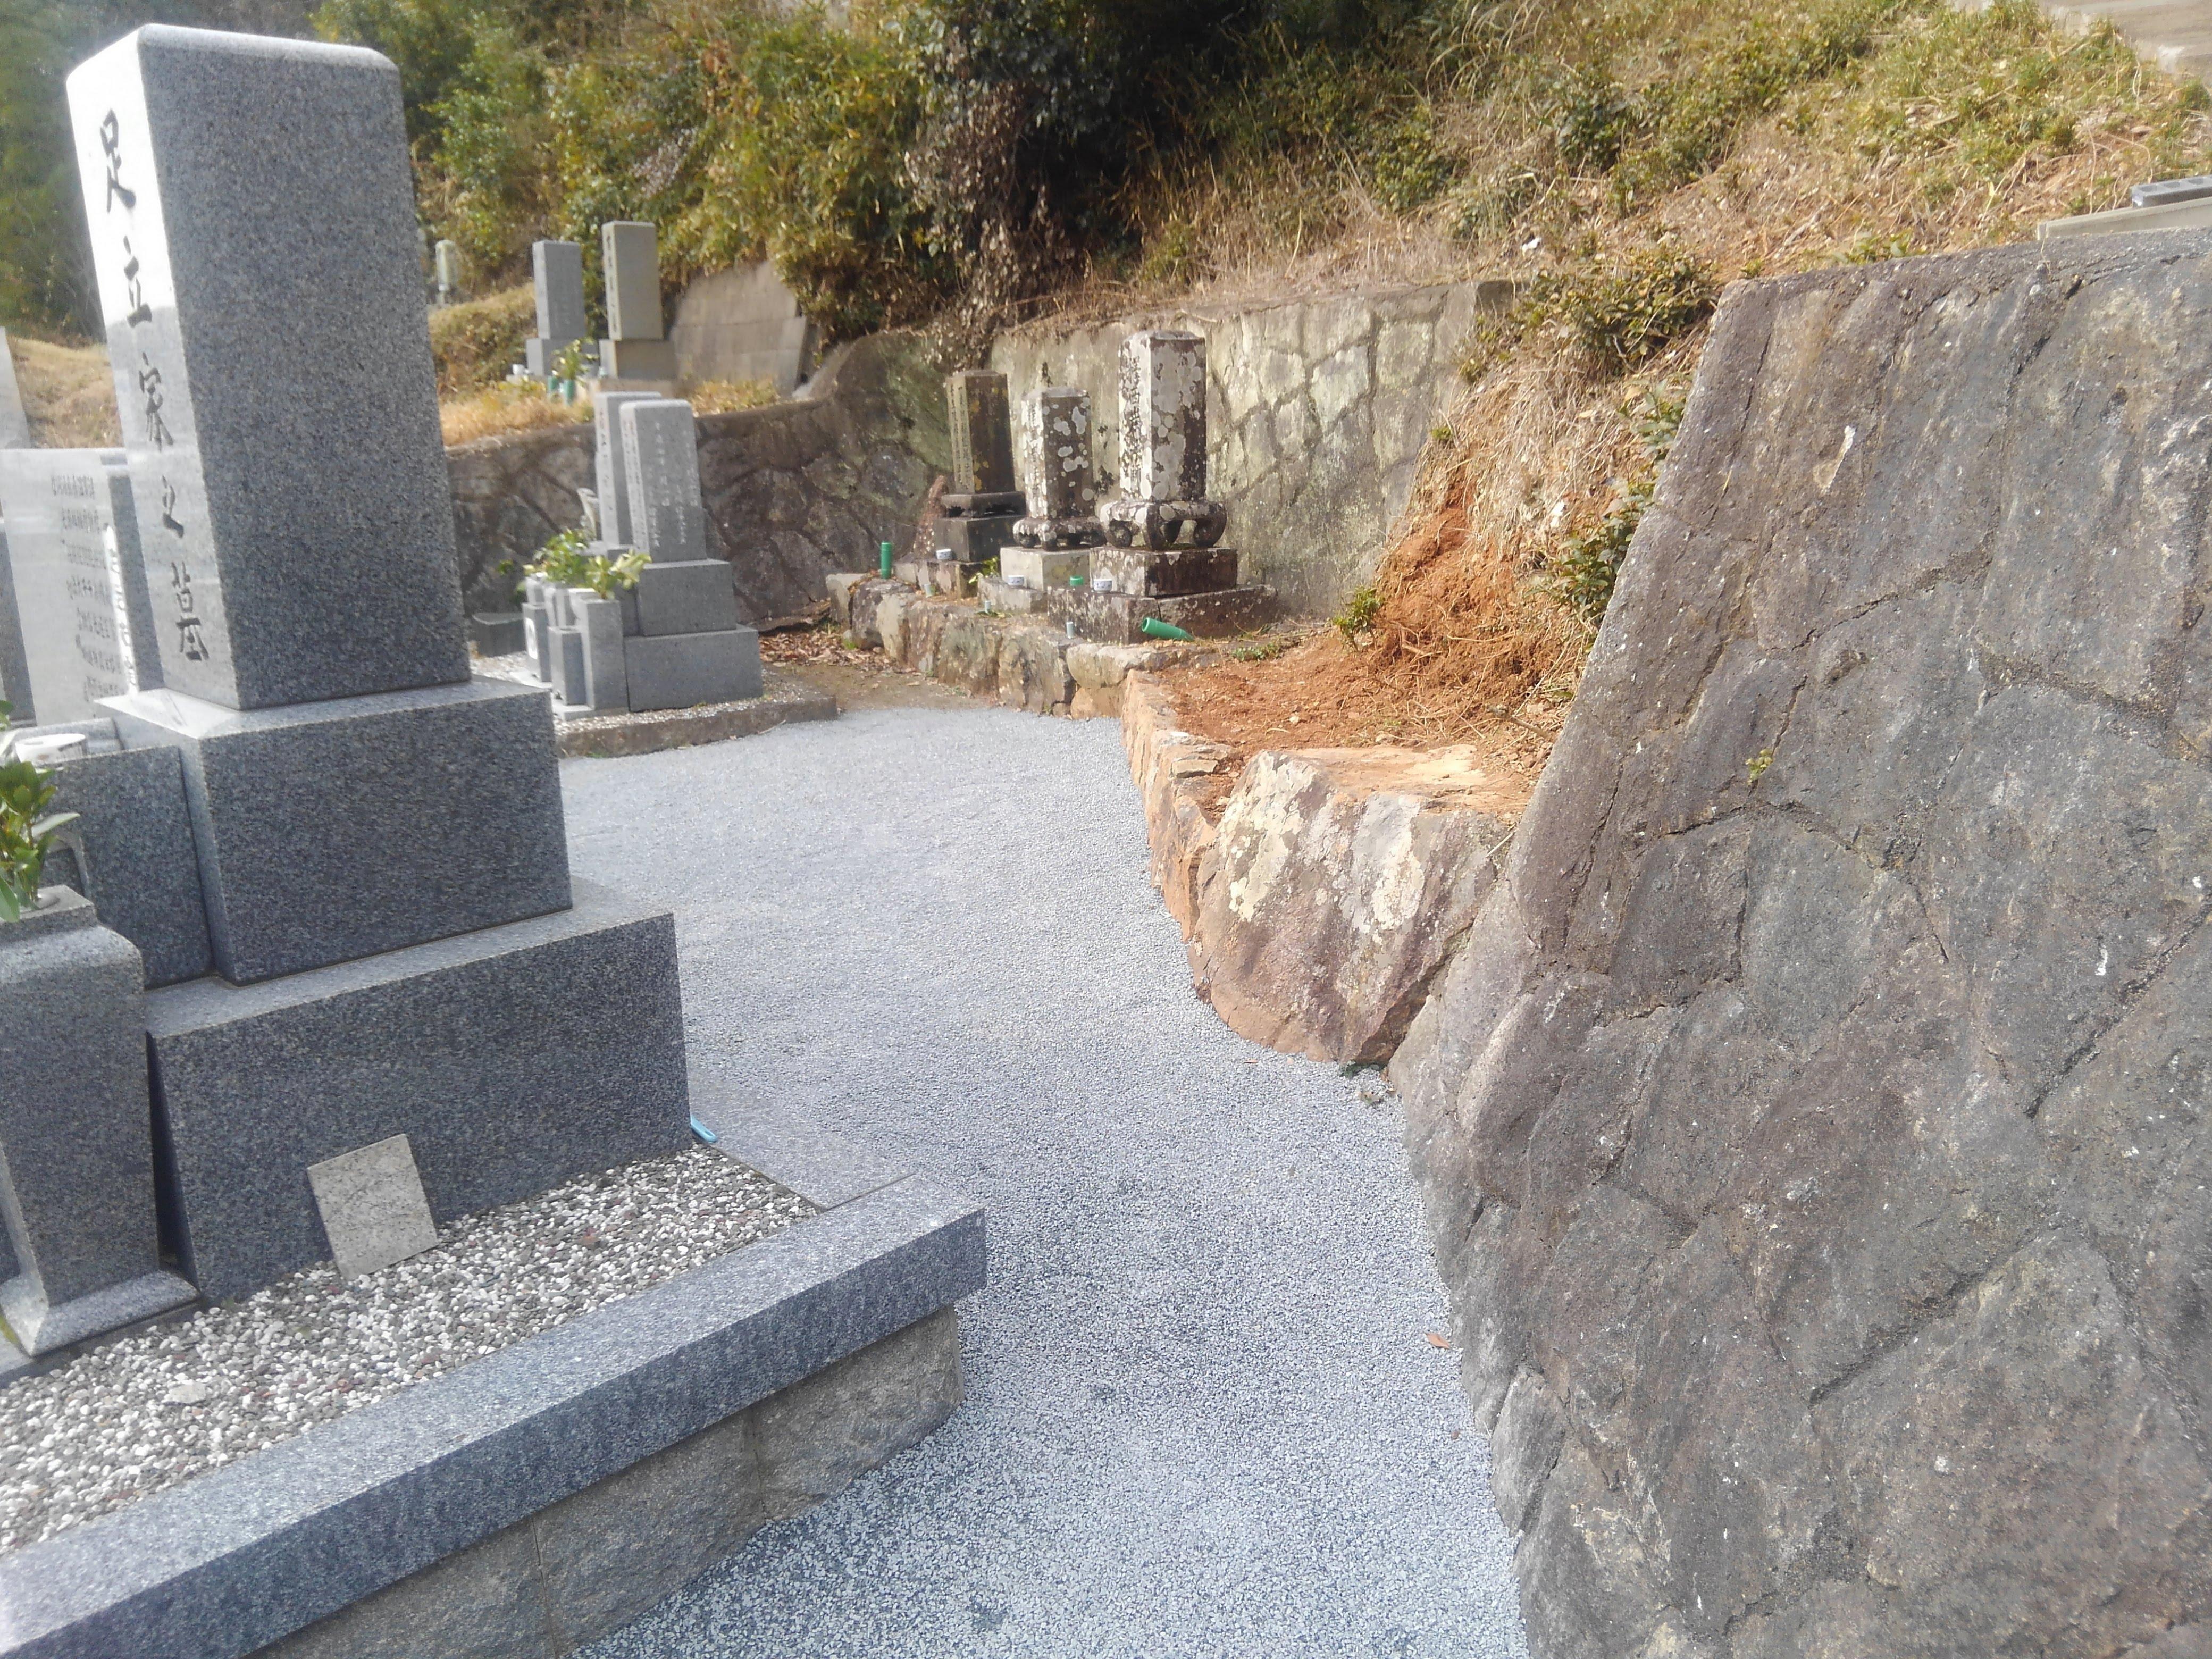 https://www.morita-stone.co.jp/weblog/img/2.29%204.jpg